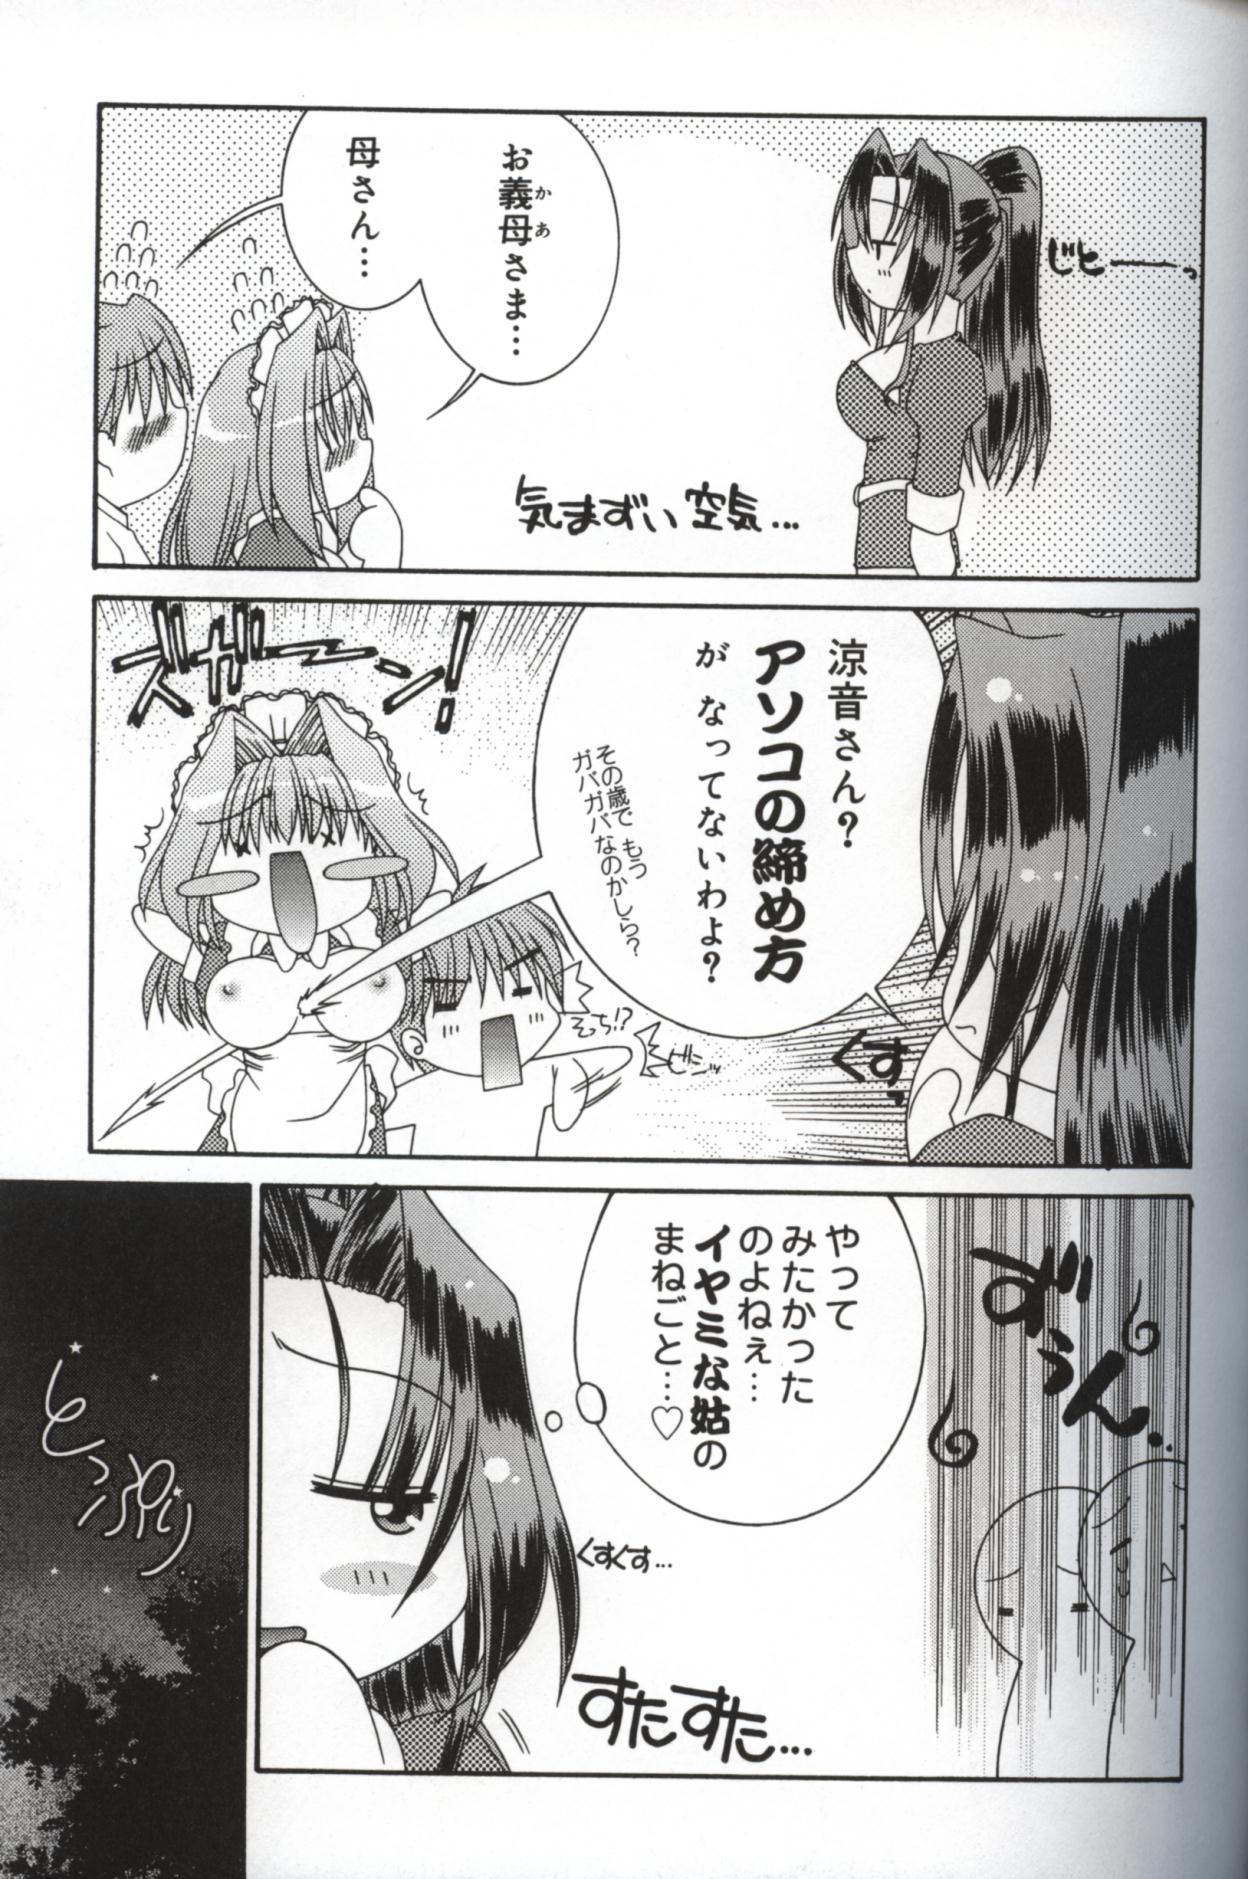 Hatsujou ♡ Oneesama 120